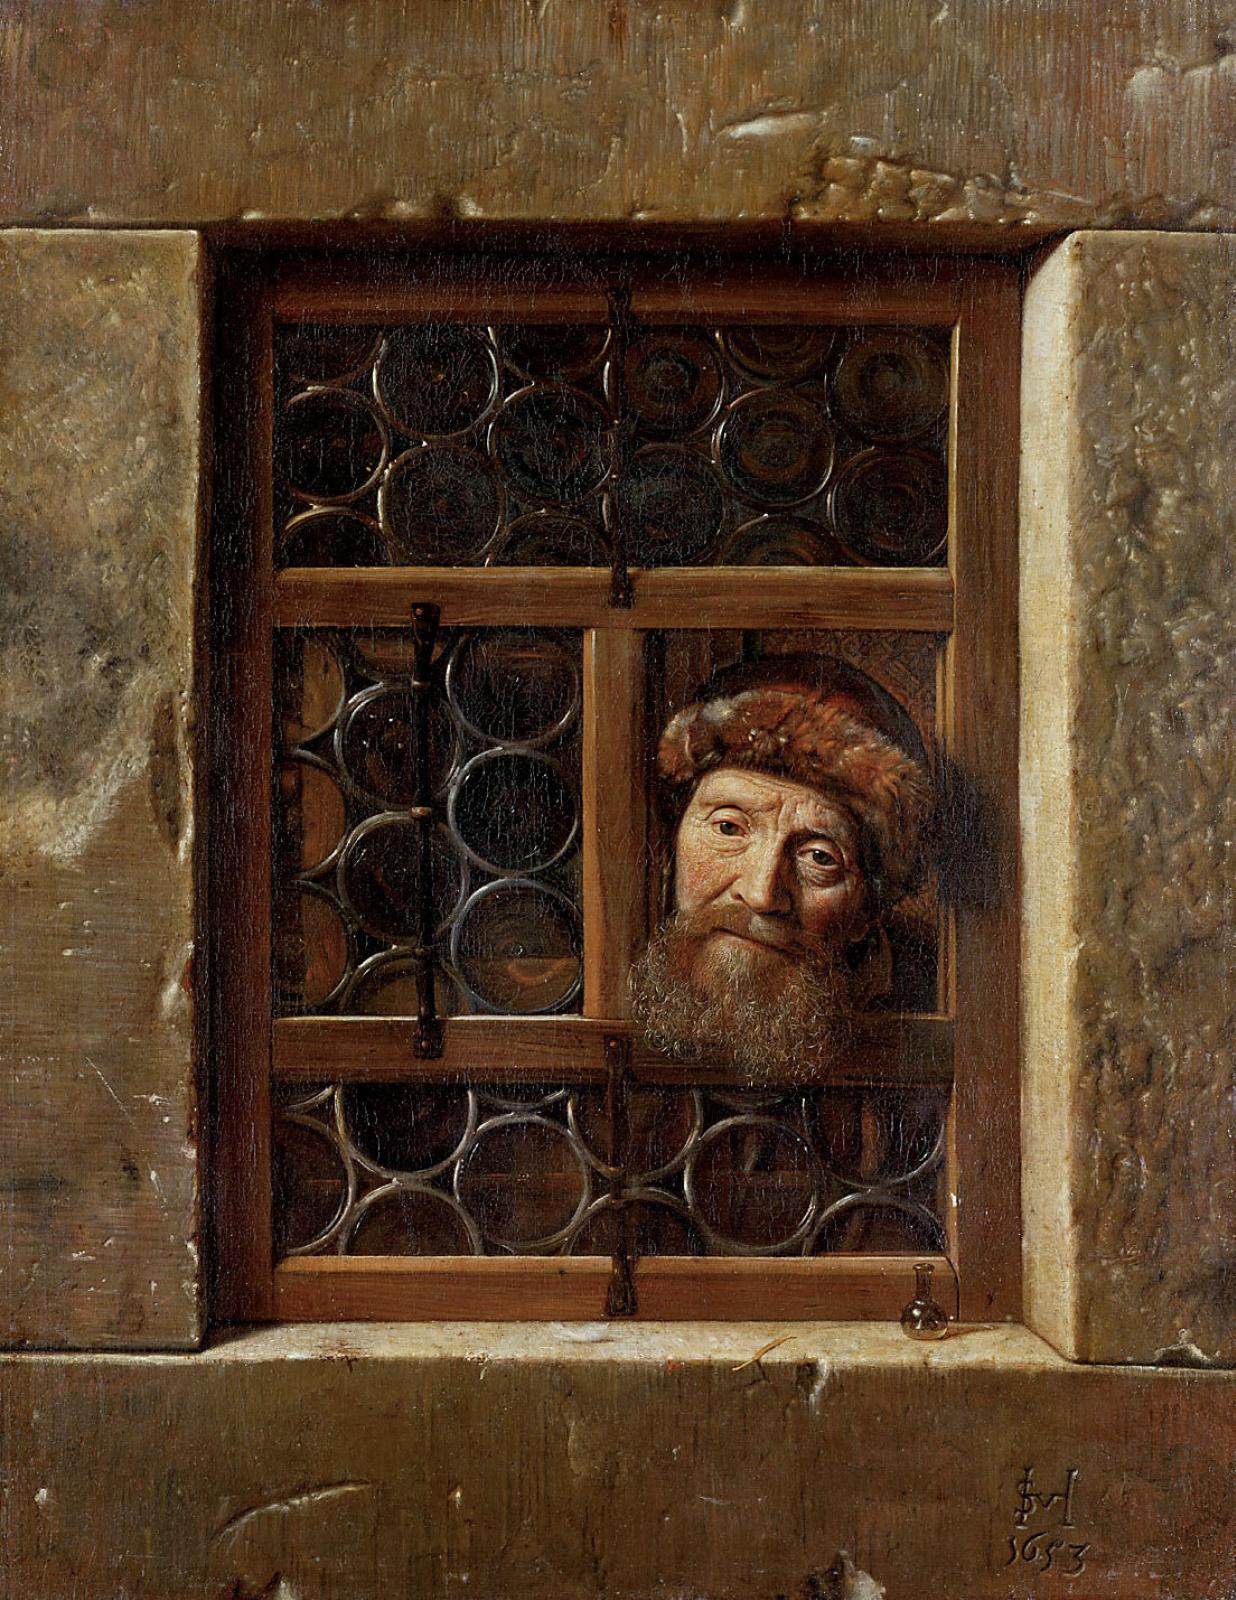 Самюэл ван Хогстратен. Пожилой мужчина в окне